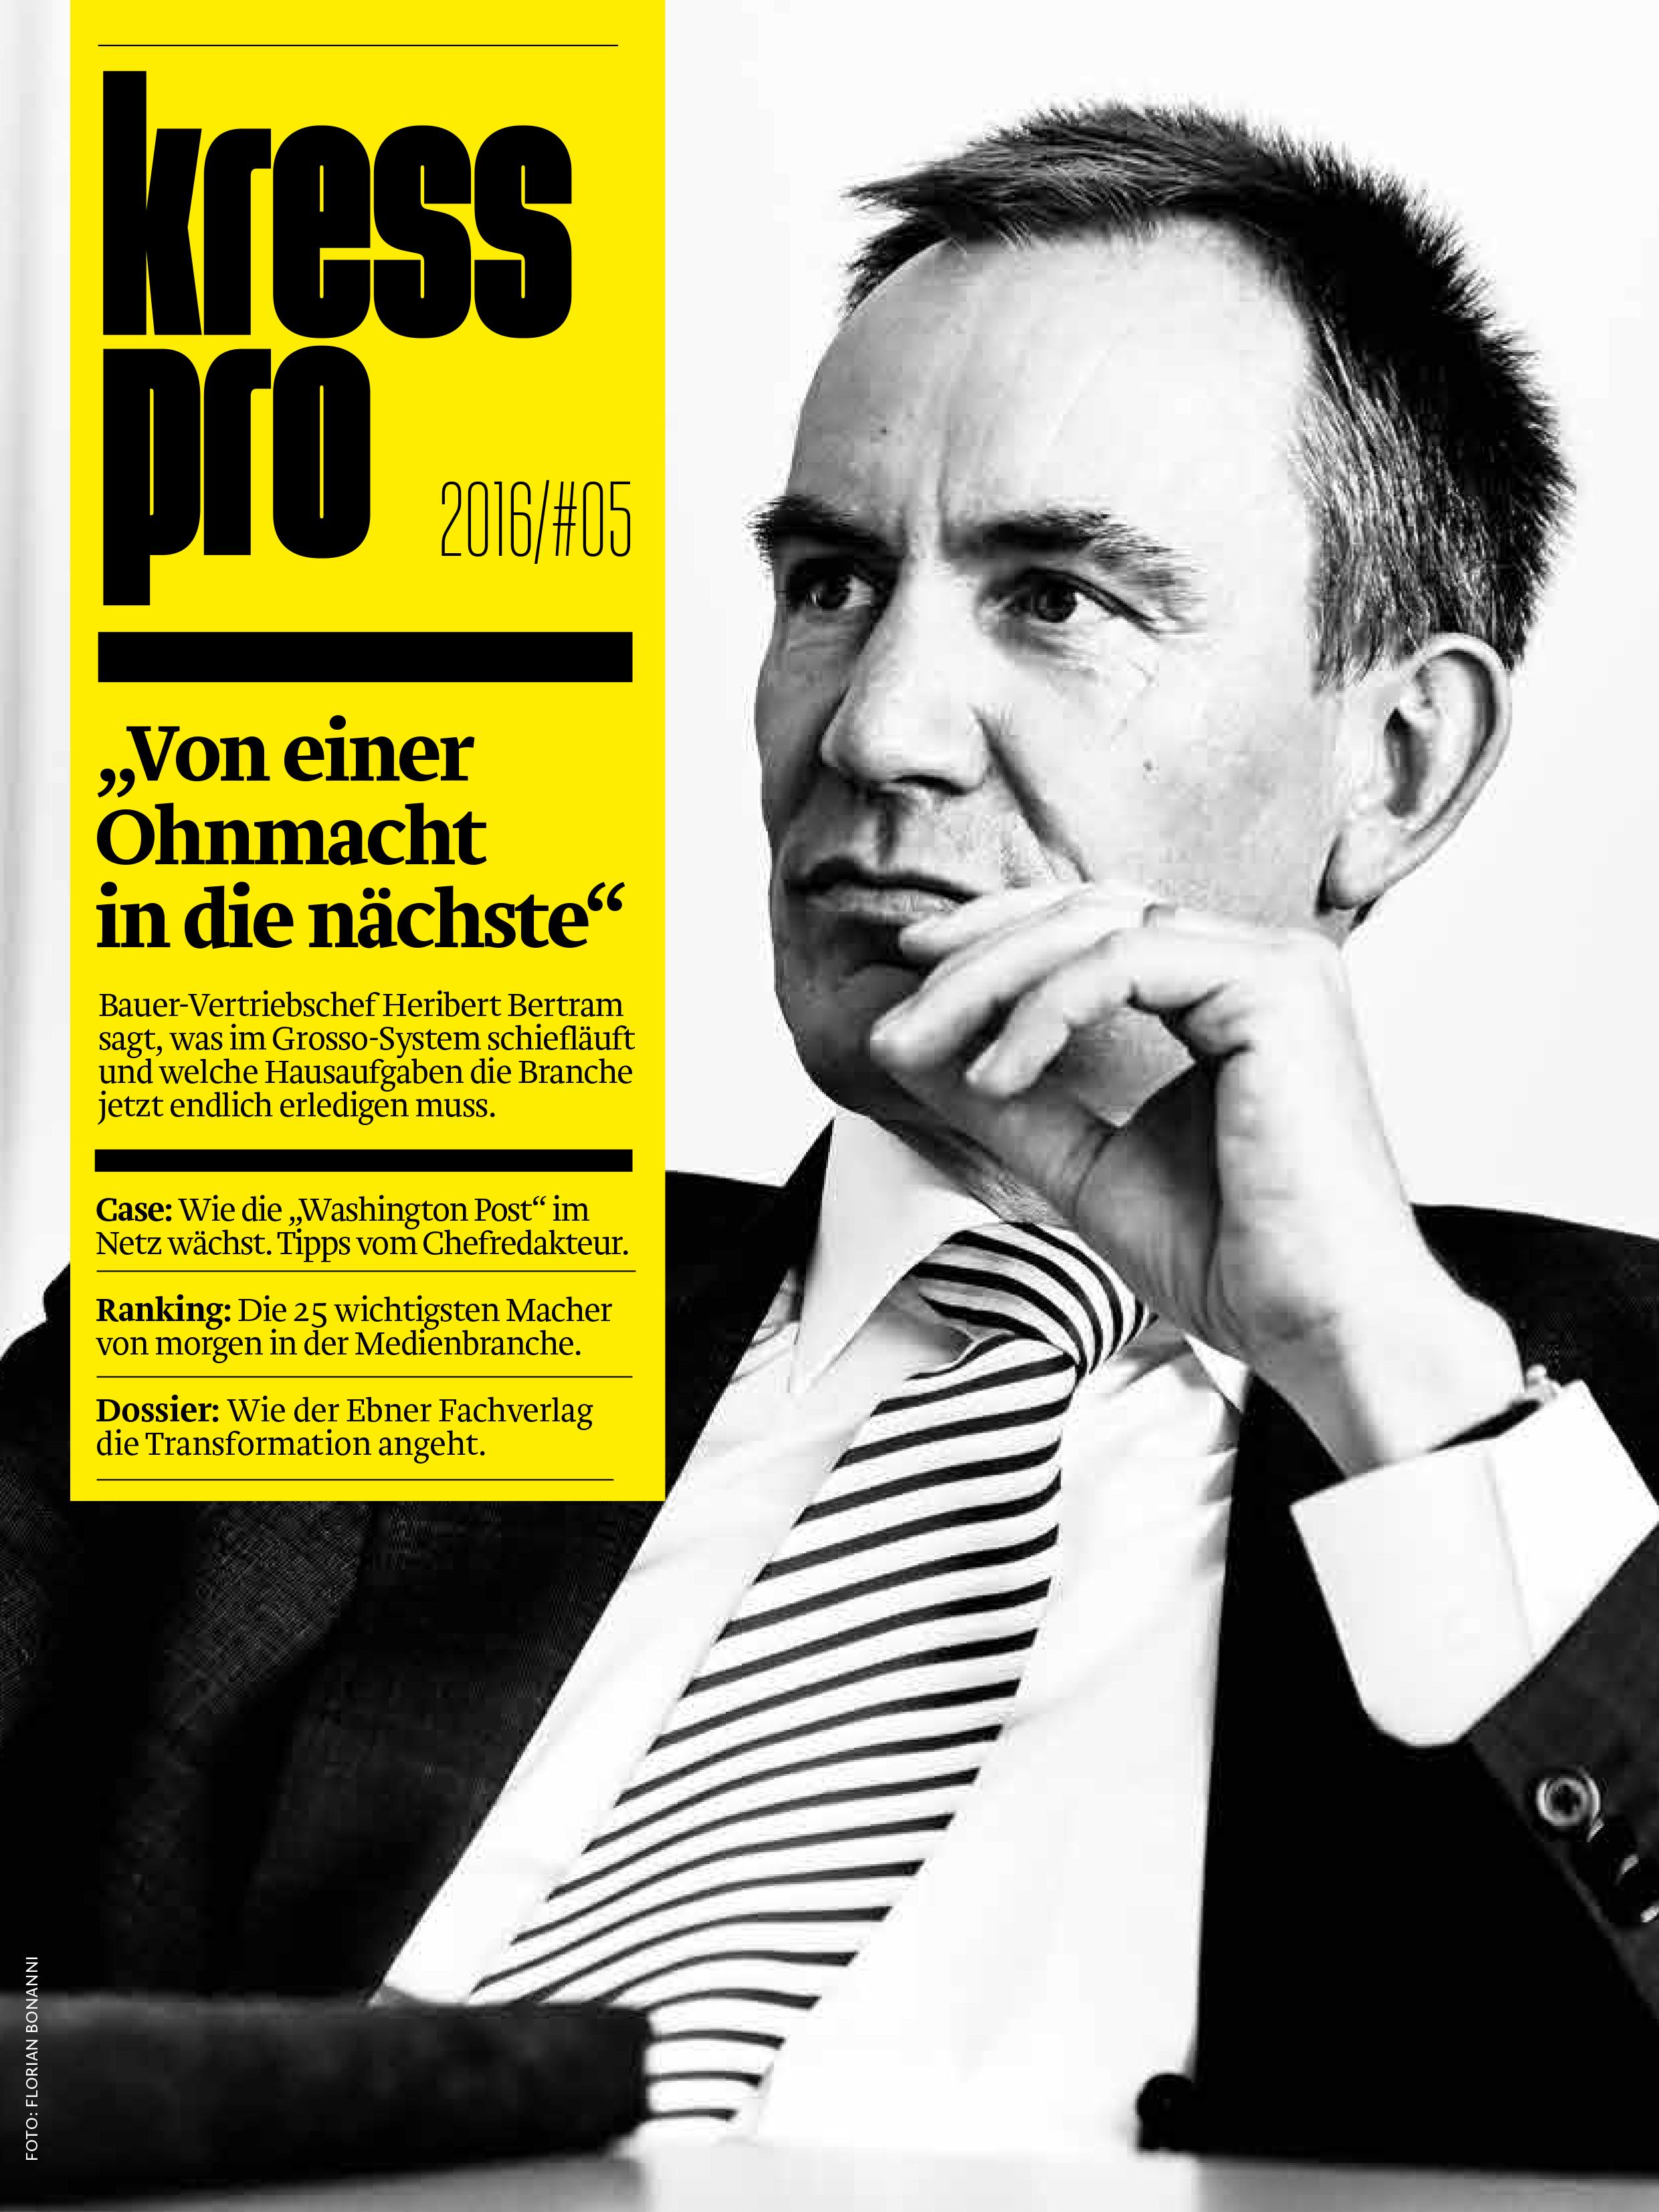 Cover516.jpg